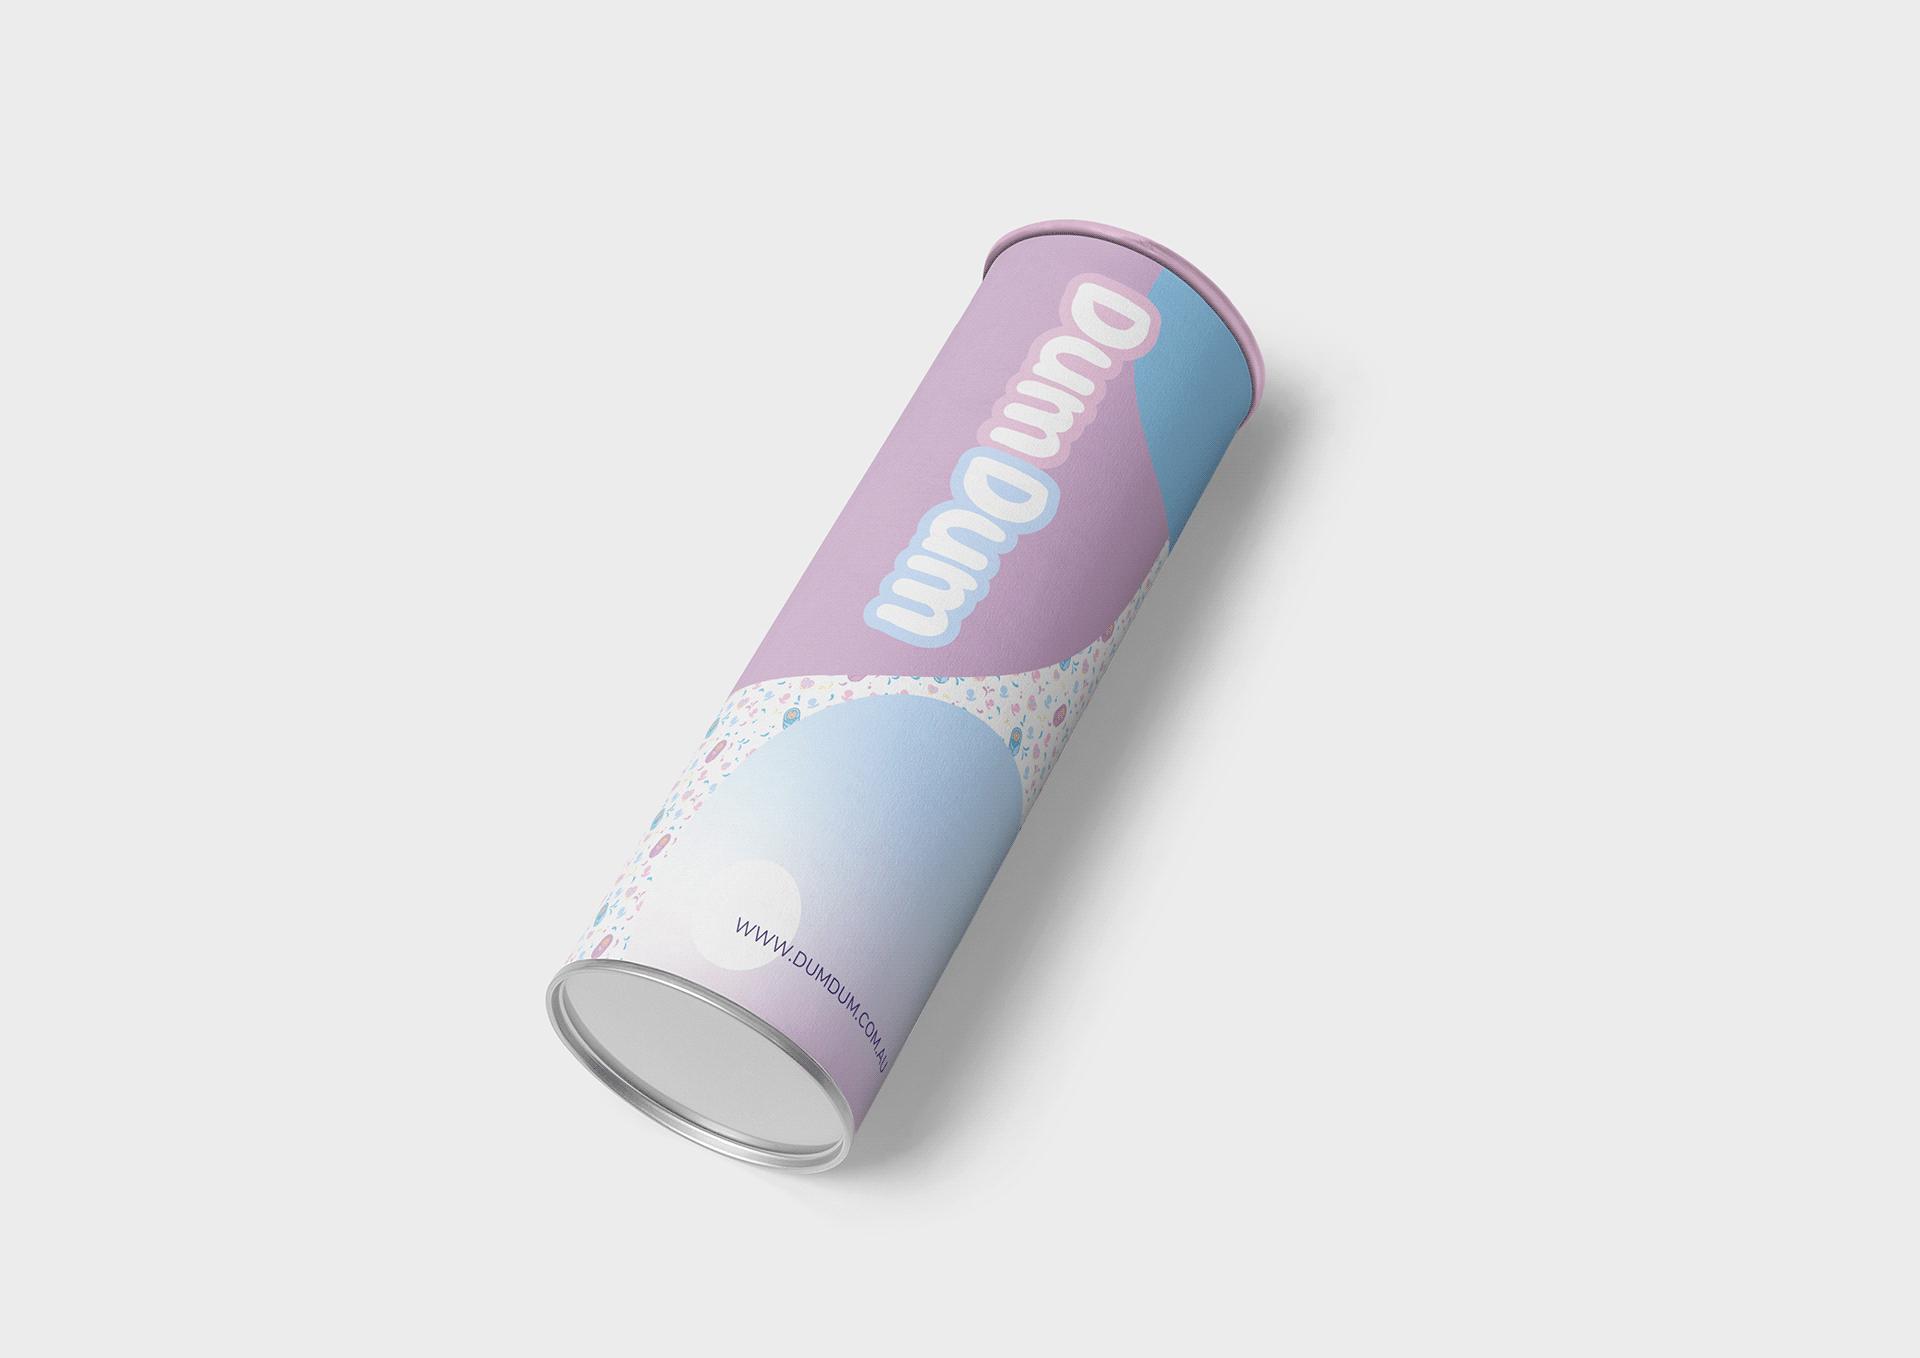 DumDum Branding